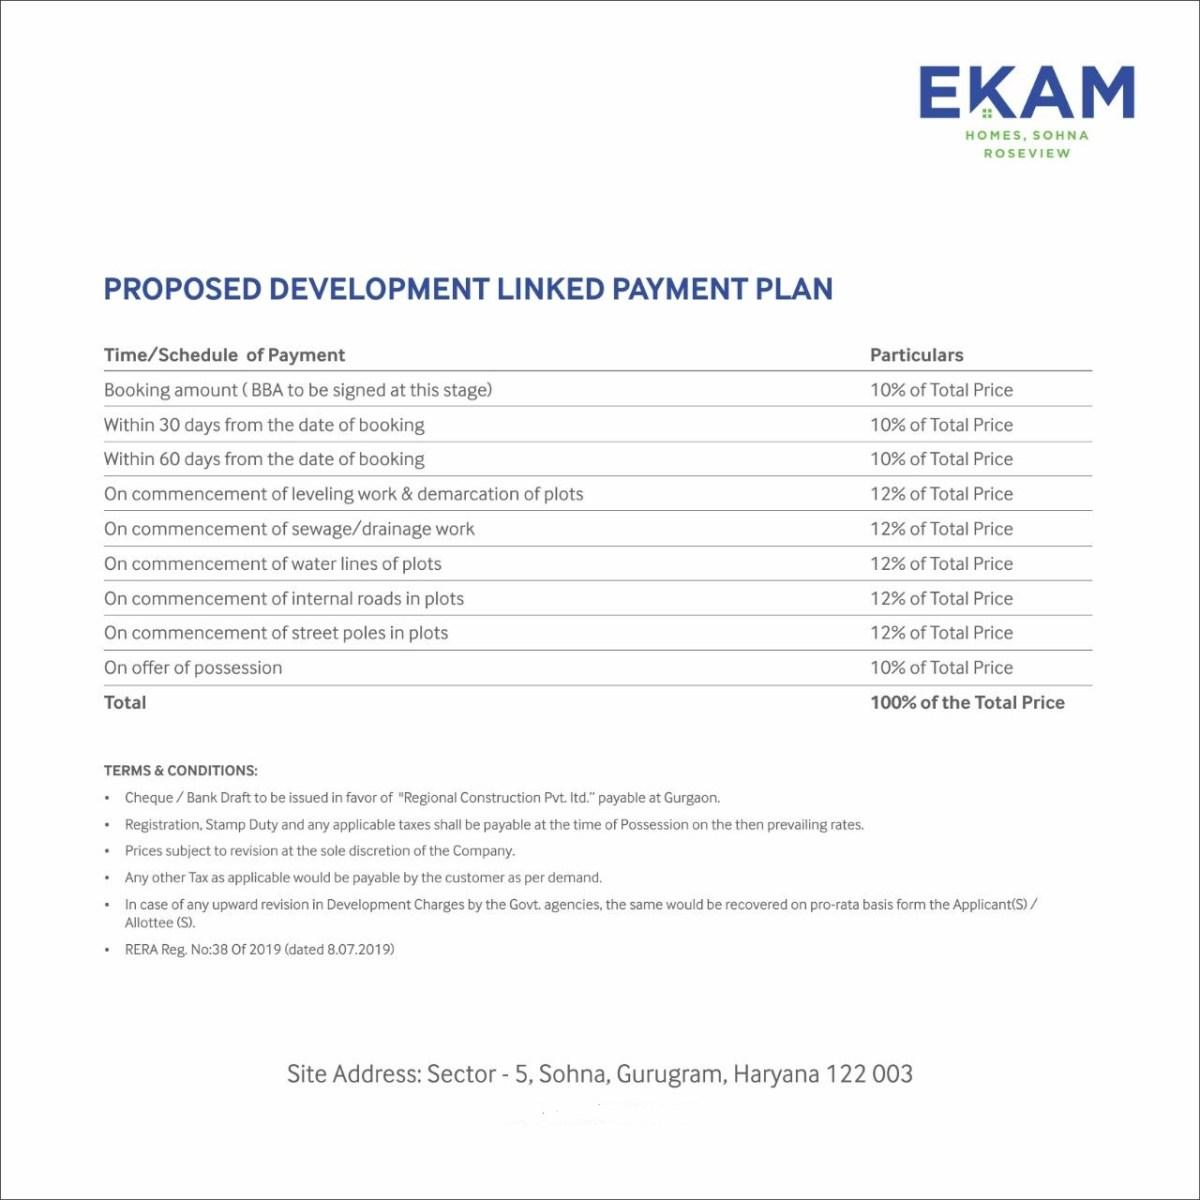 Ekam Price List